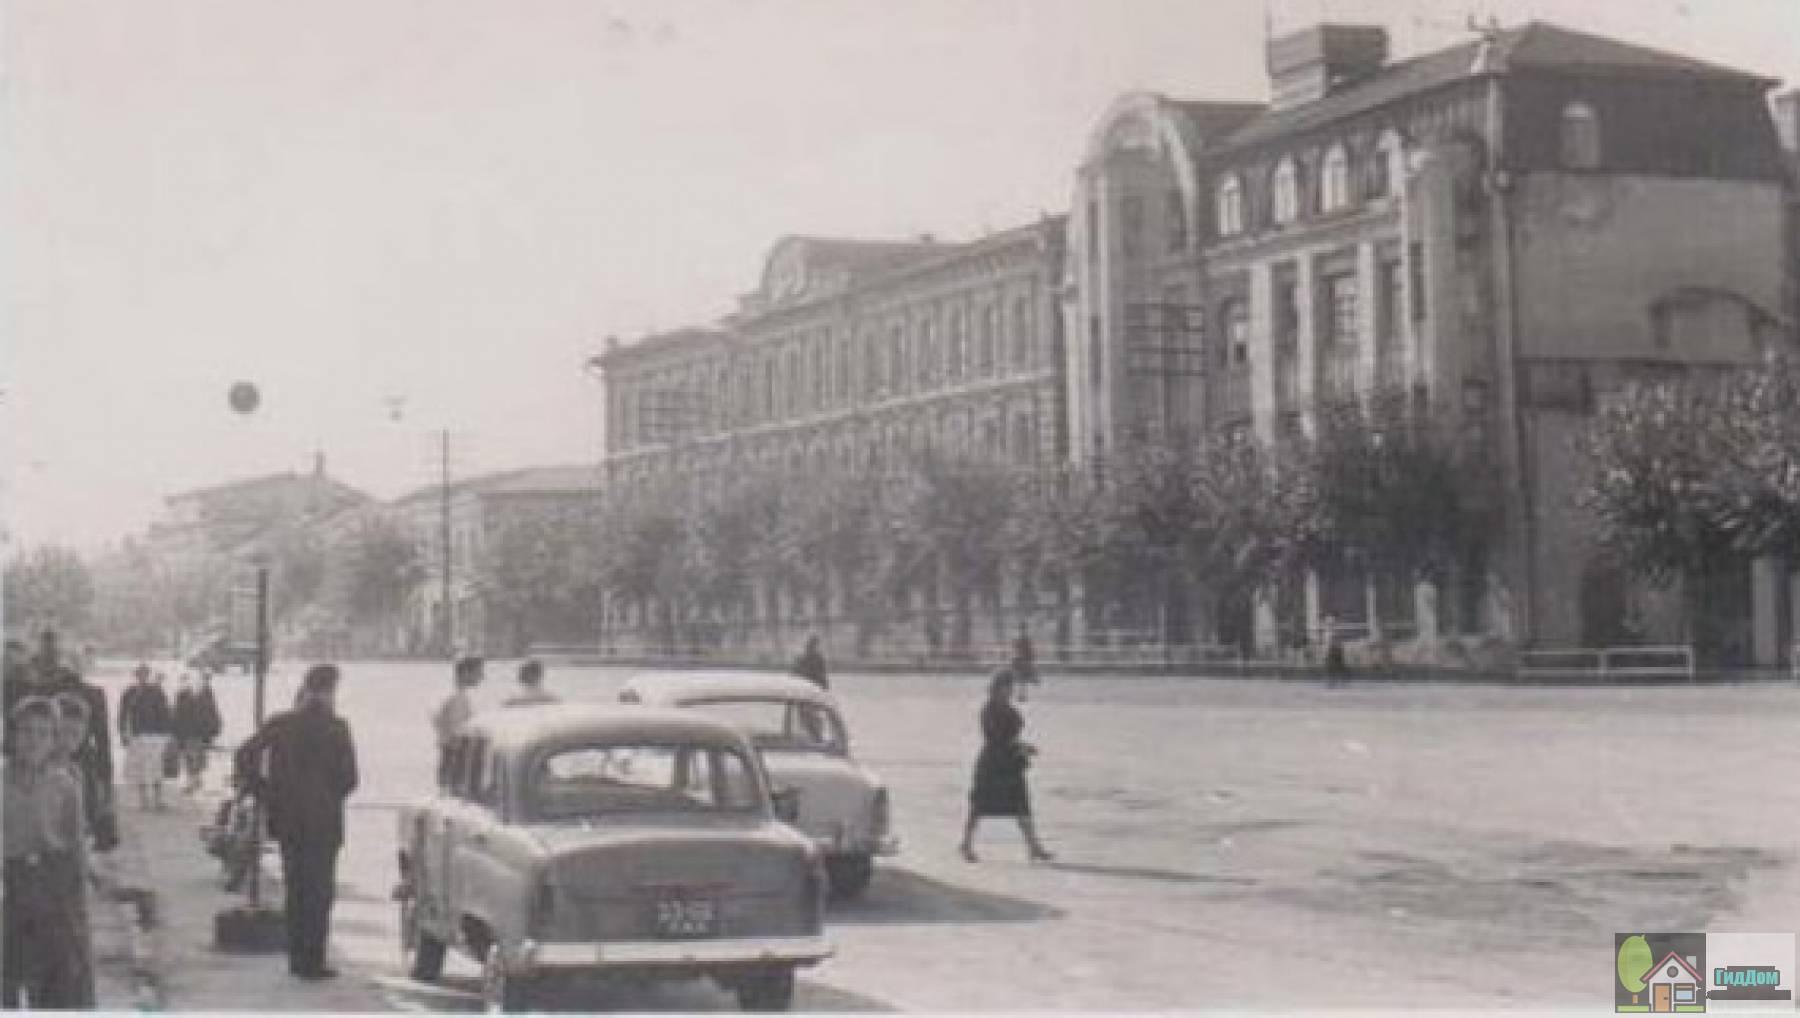 Горисполком в 1950-е годы. Снимок загружен из открытых источников. Автор неизвестен.